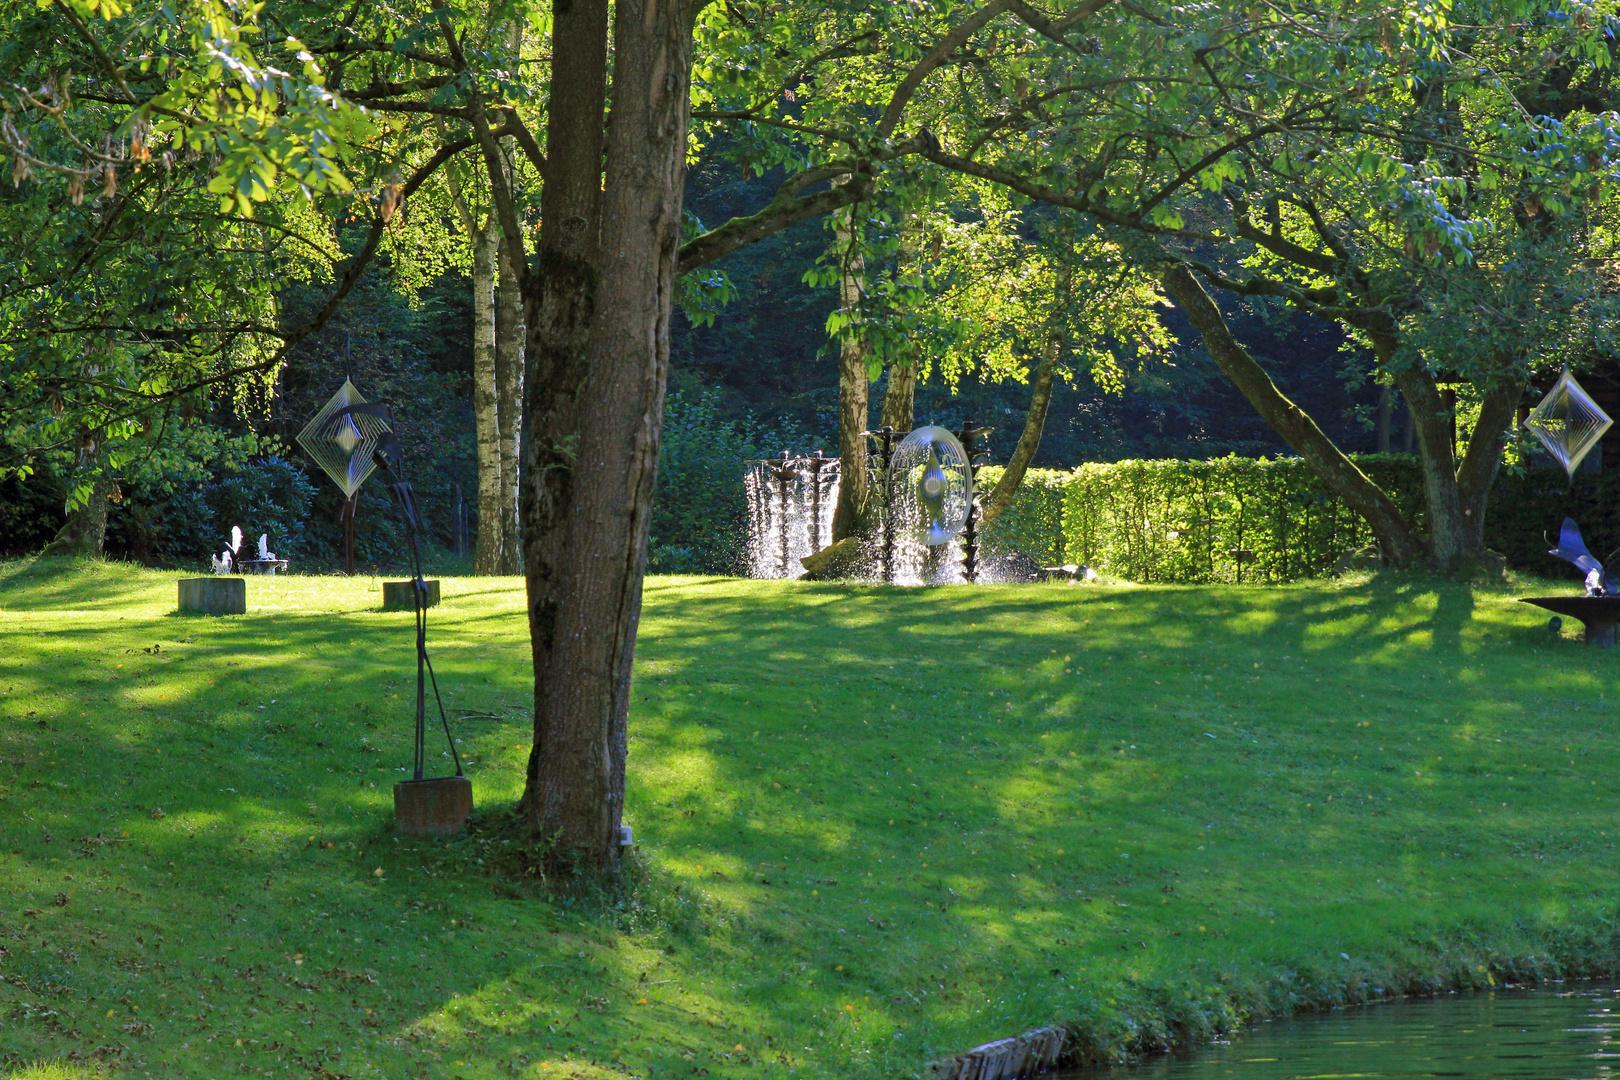 Skulpturenpark Klute - Waldemai in Niedersorpe bei Schmallenberg im Hochsauerland 31